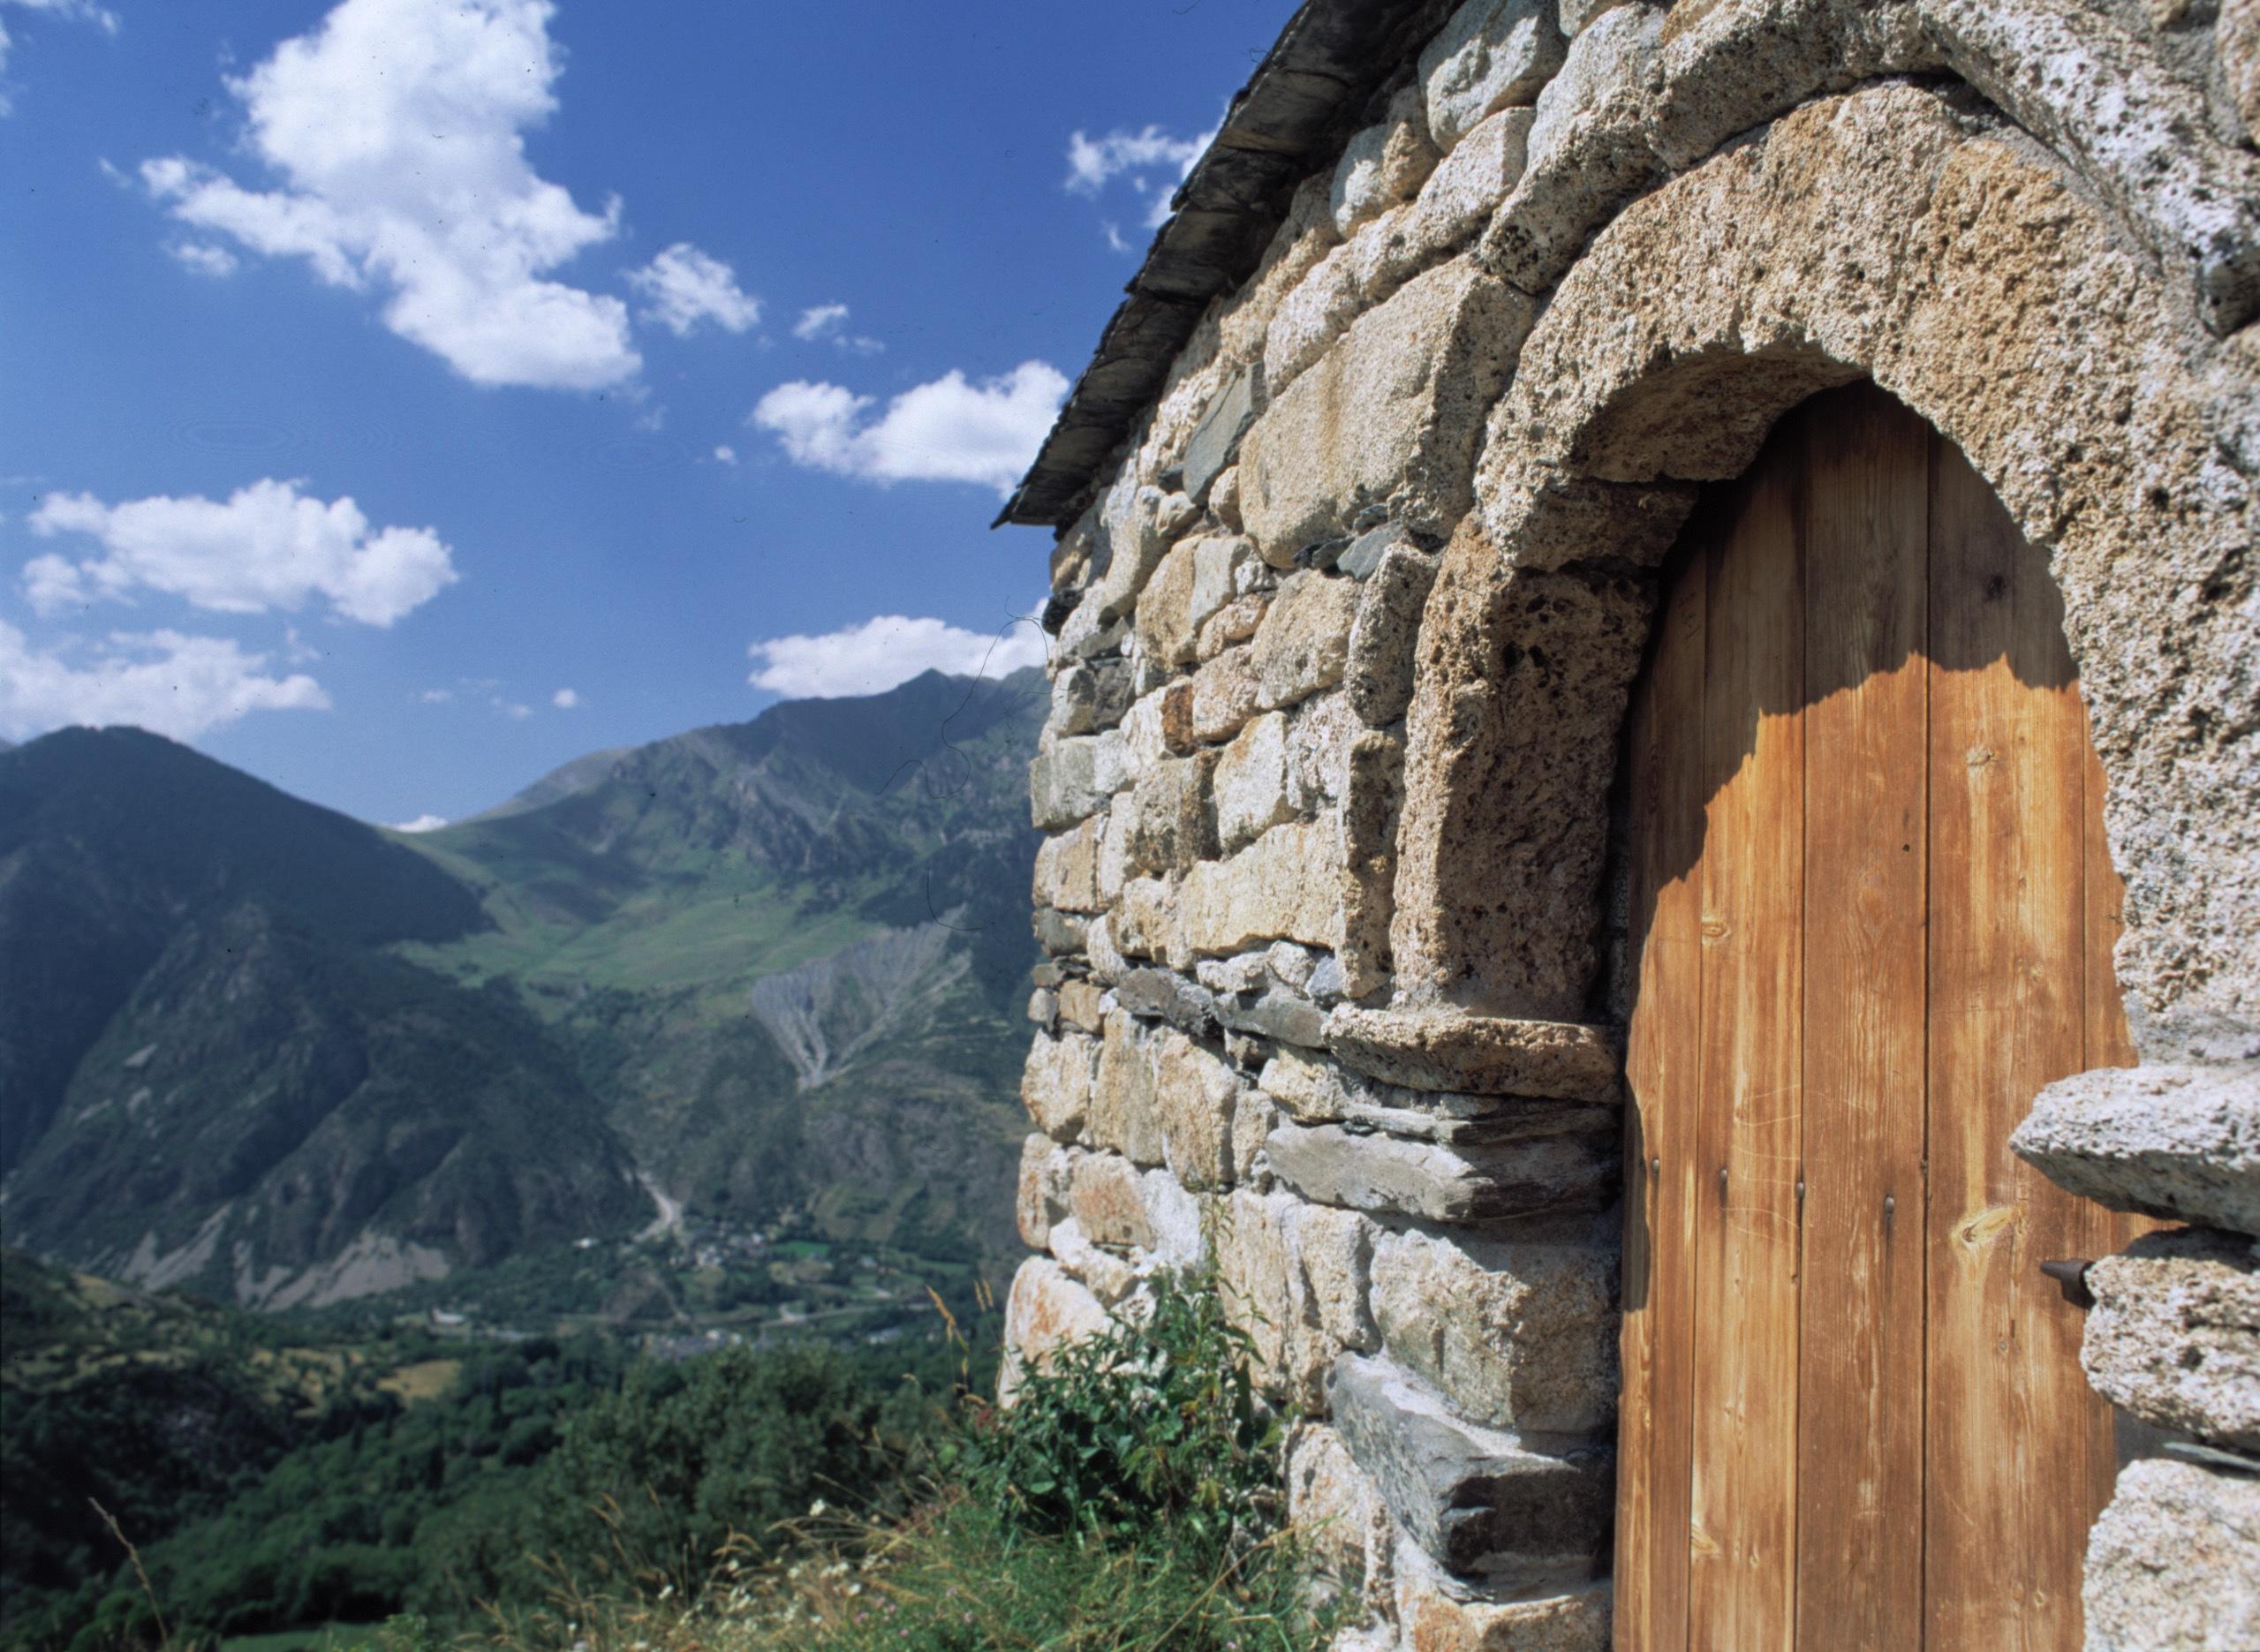 Portada de l'ermita romànica de Sant Quirze (Taüll, Alta Ribagorça)